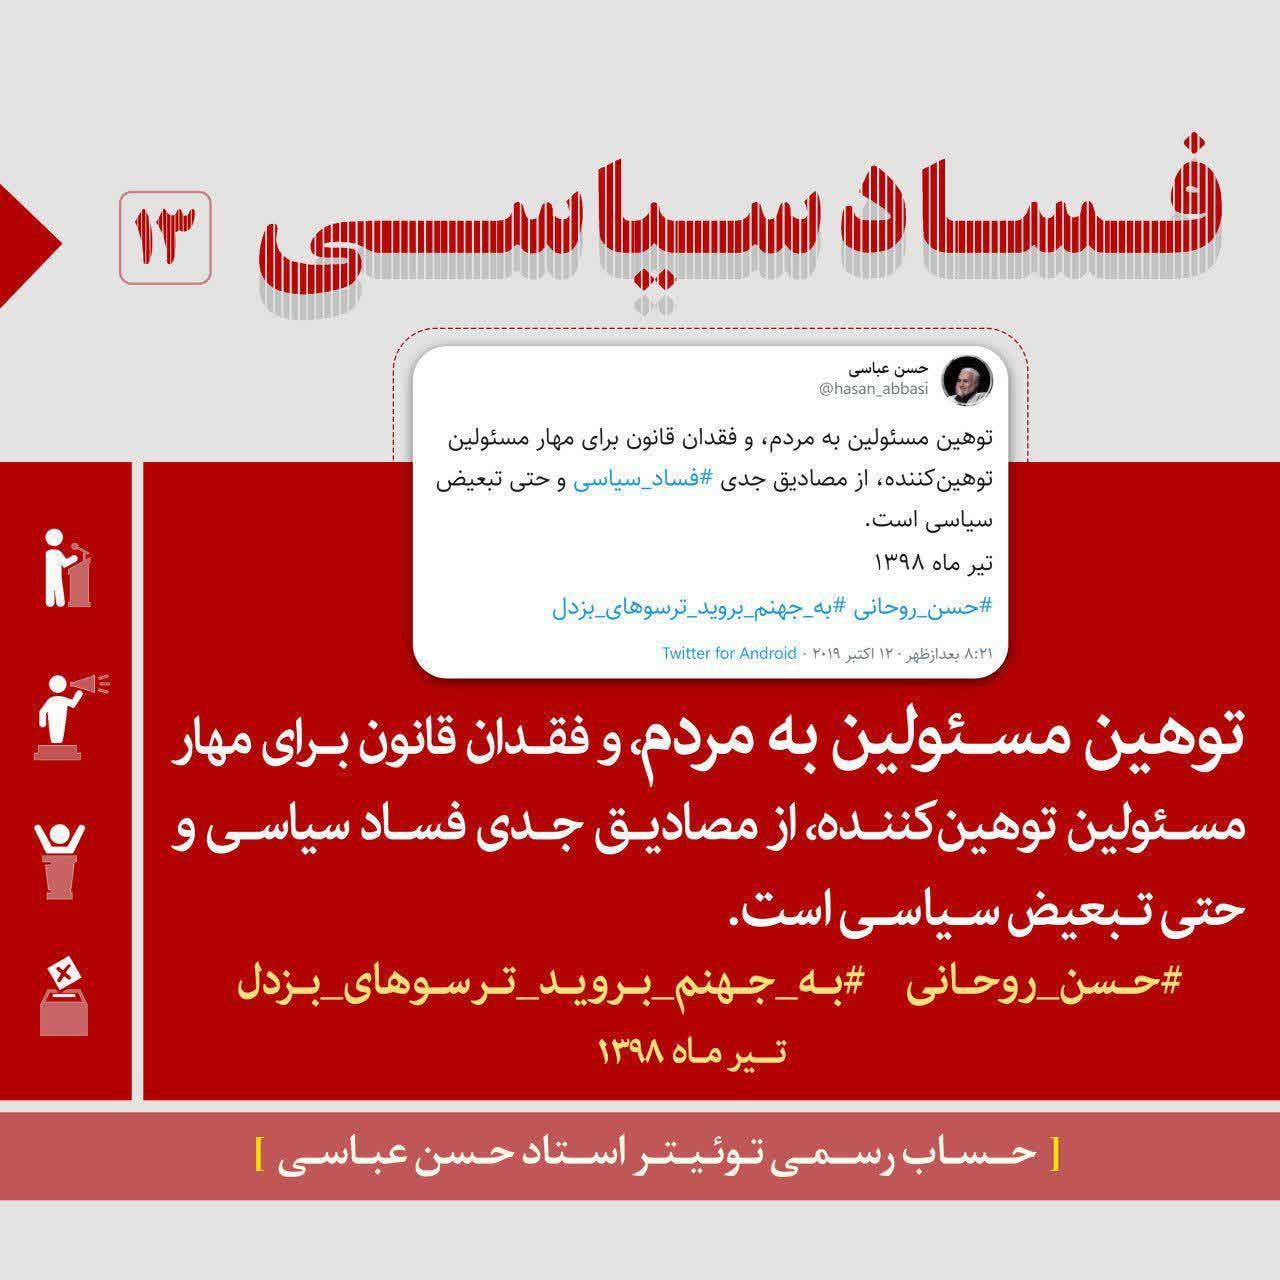 http://dl-abbasi.ir/yekta/1398/Graphic/F_S/Fesad%20Siyasi%20(13).jpg